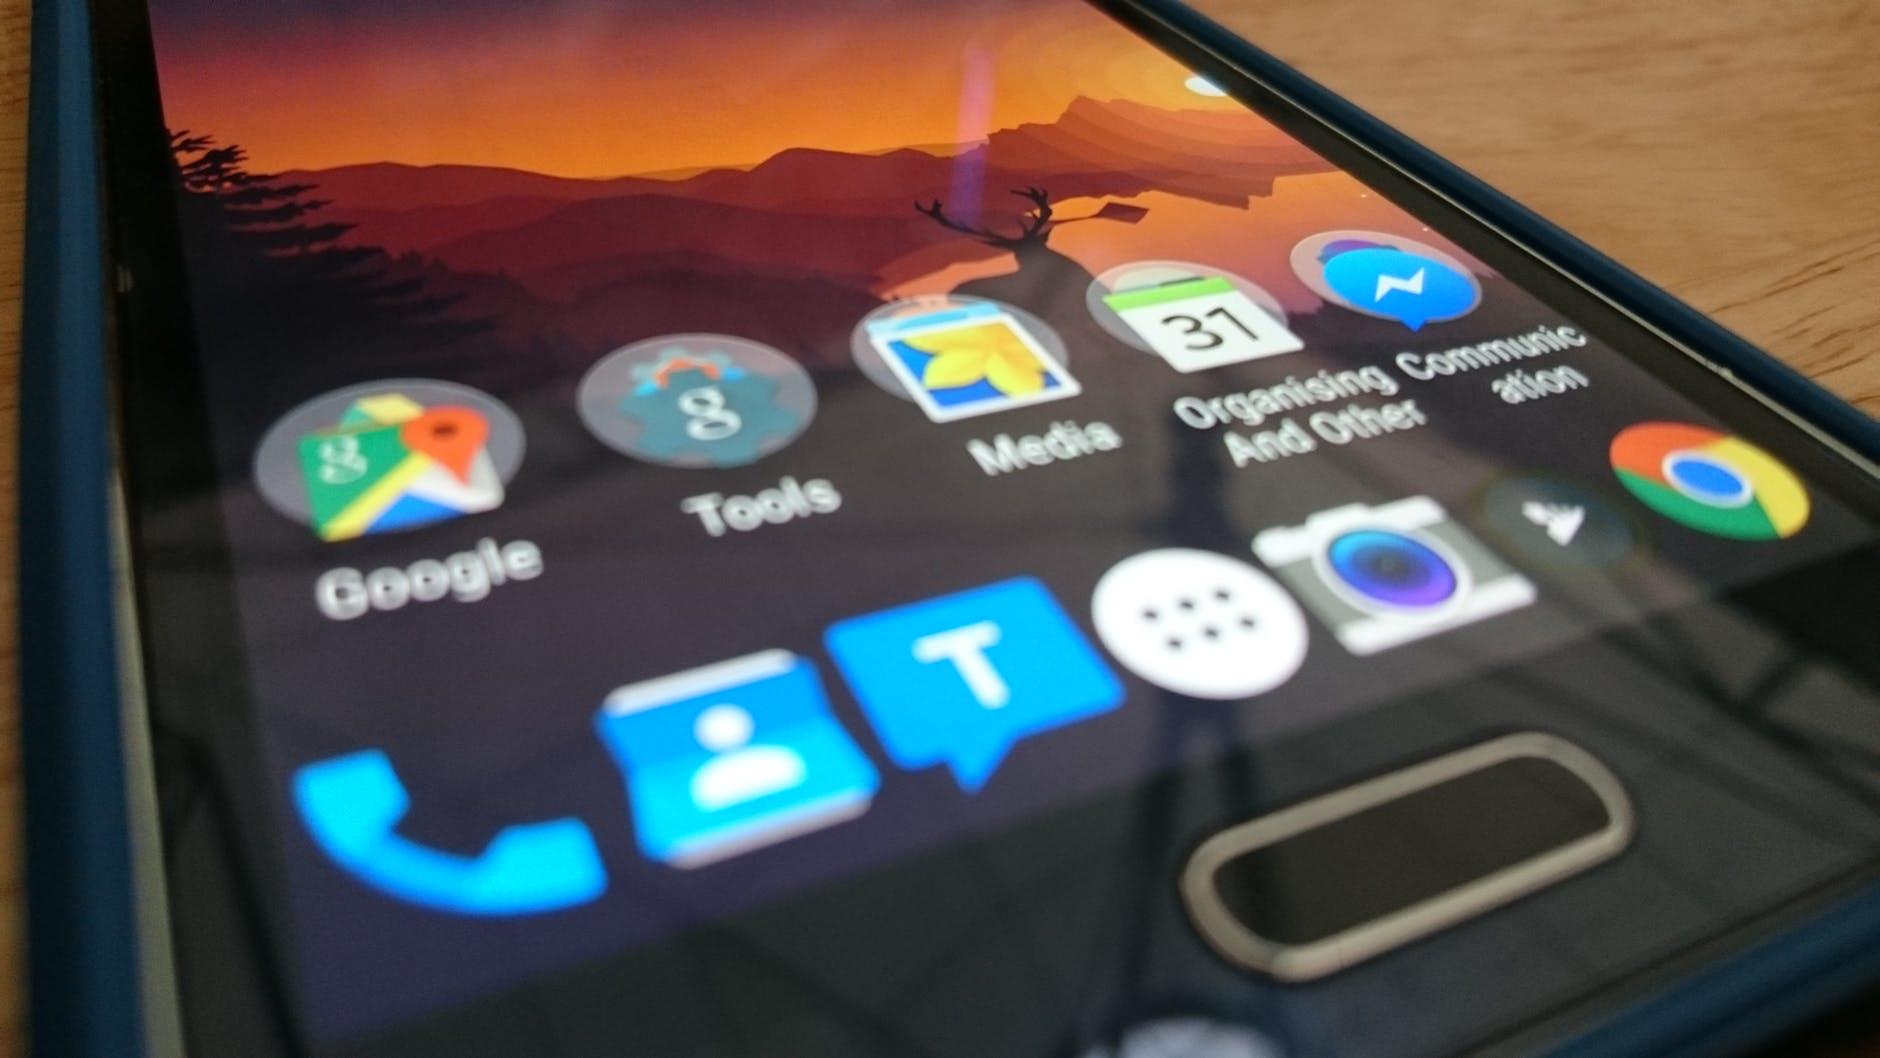 Google 'scarica' Huawei: 'Stop agli aggiornamenti Android per il produttore cinese'